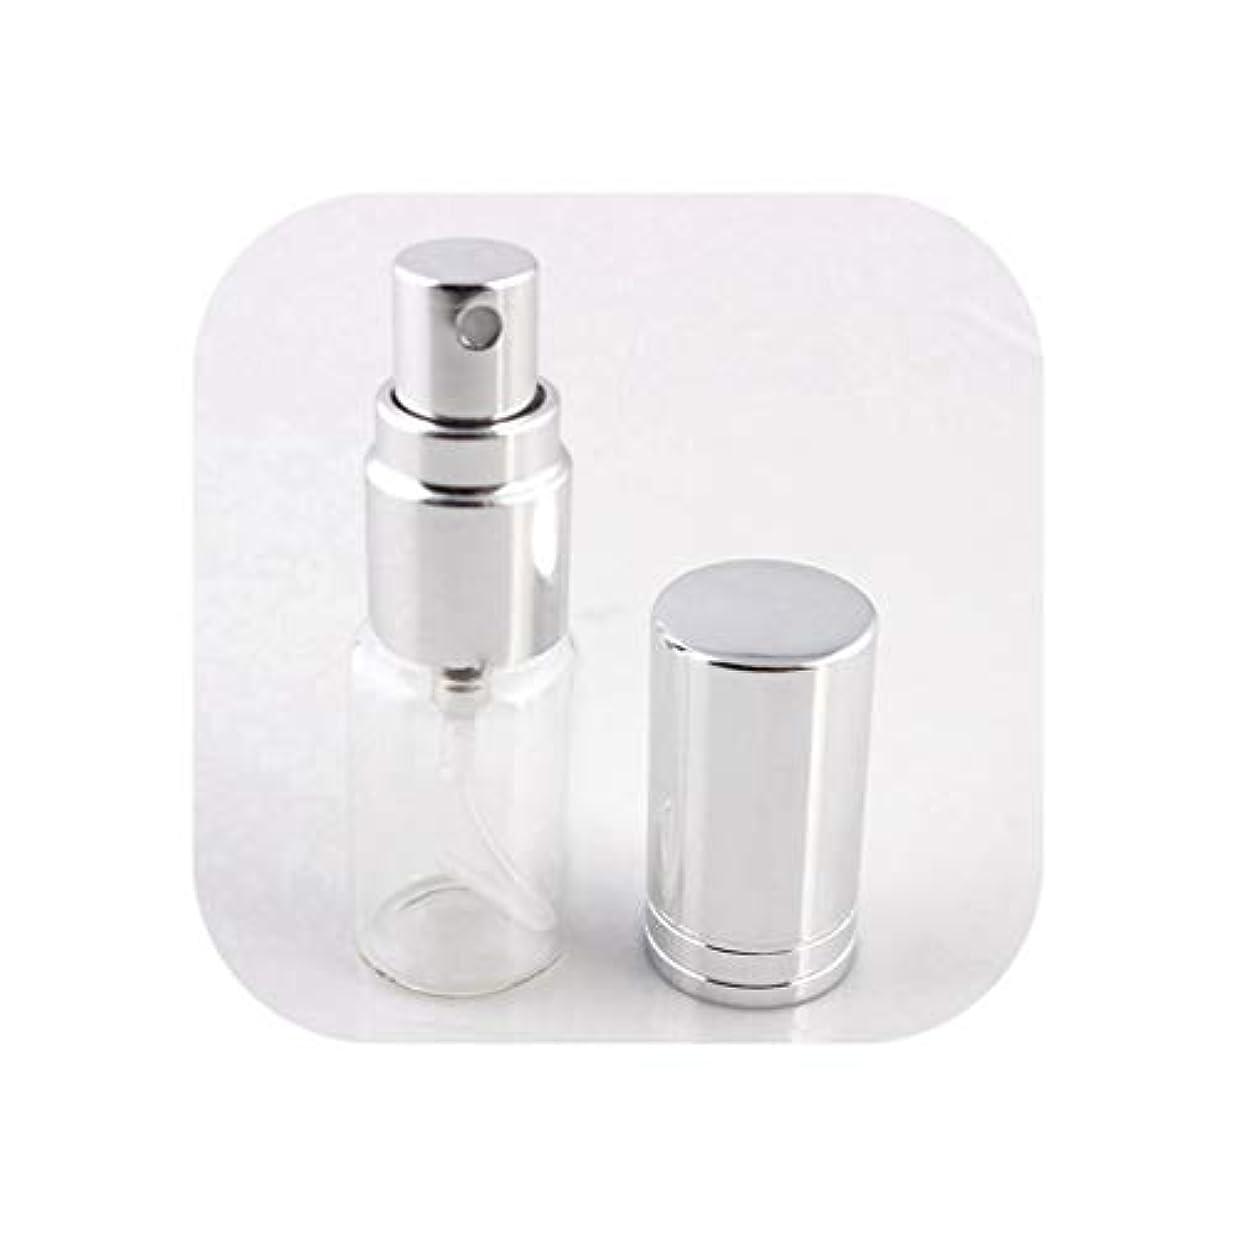 立場獣切断する旅行のためのアトマイザー空の化粧品容器でスプレー、SV1-Lとの1pcsは5ミリリットル/ 10MLポータブルカラフルなガラスの詰め替え香水瓶